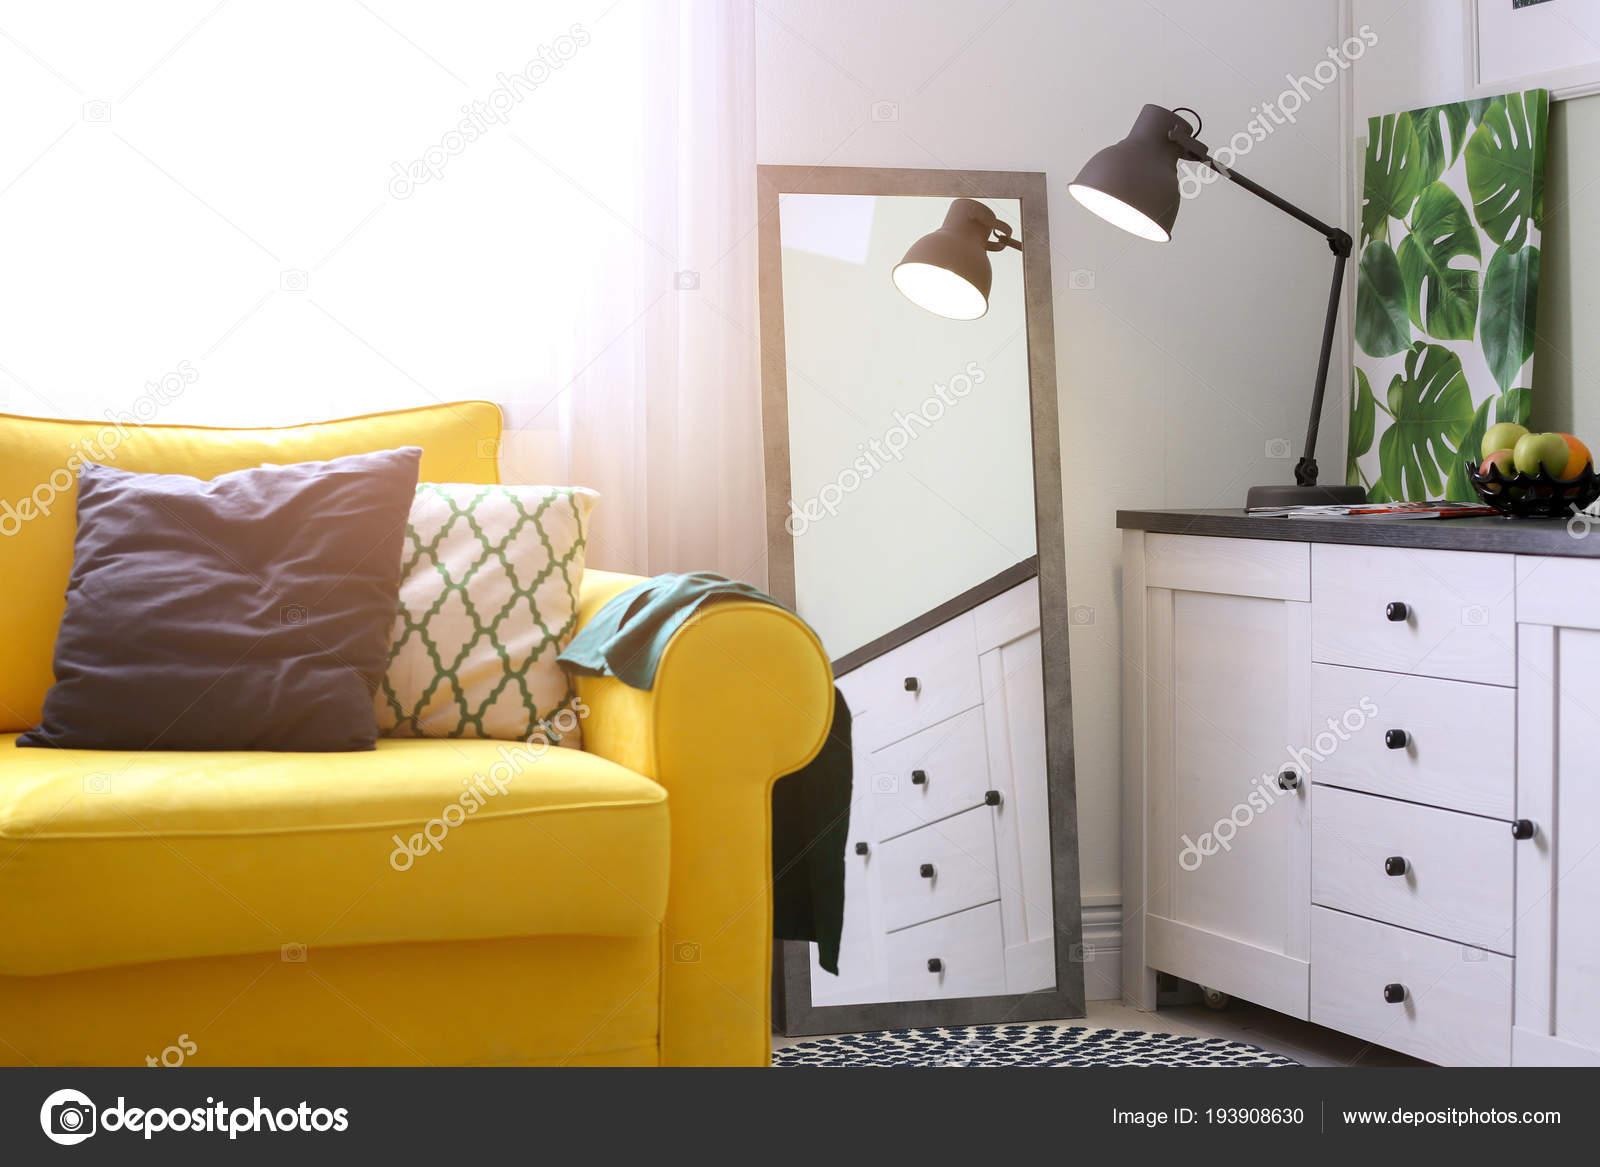 Stilvolle Wohnzimmer Interieur mit großem Spiegel. Idee für ...